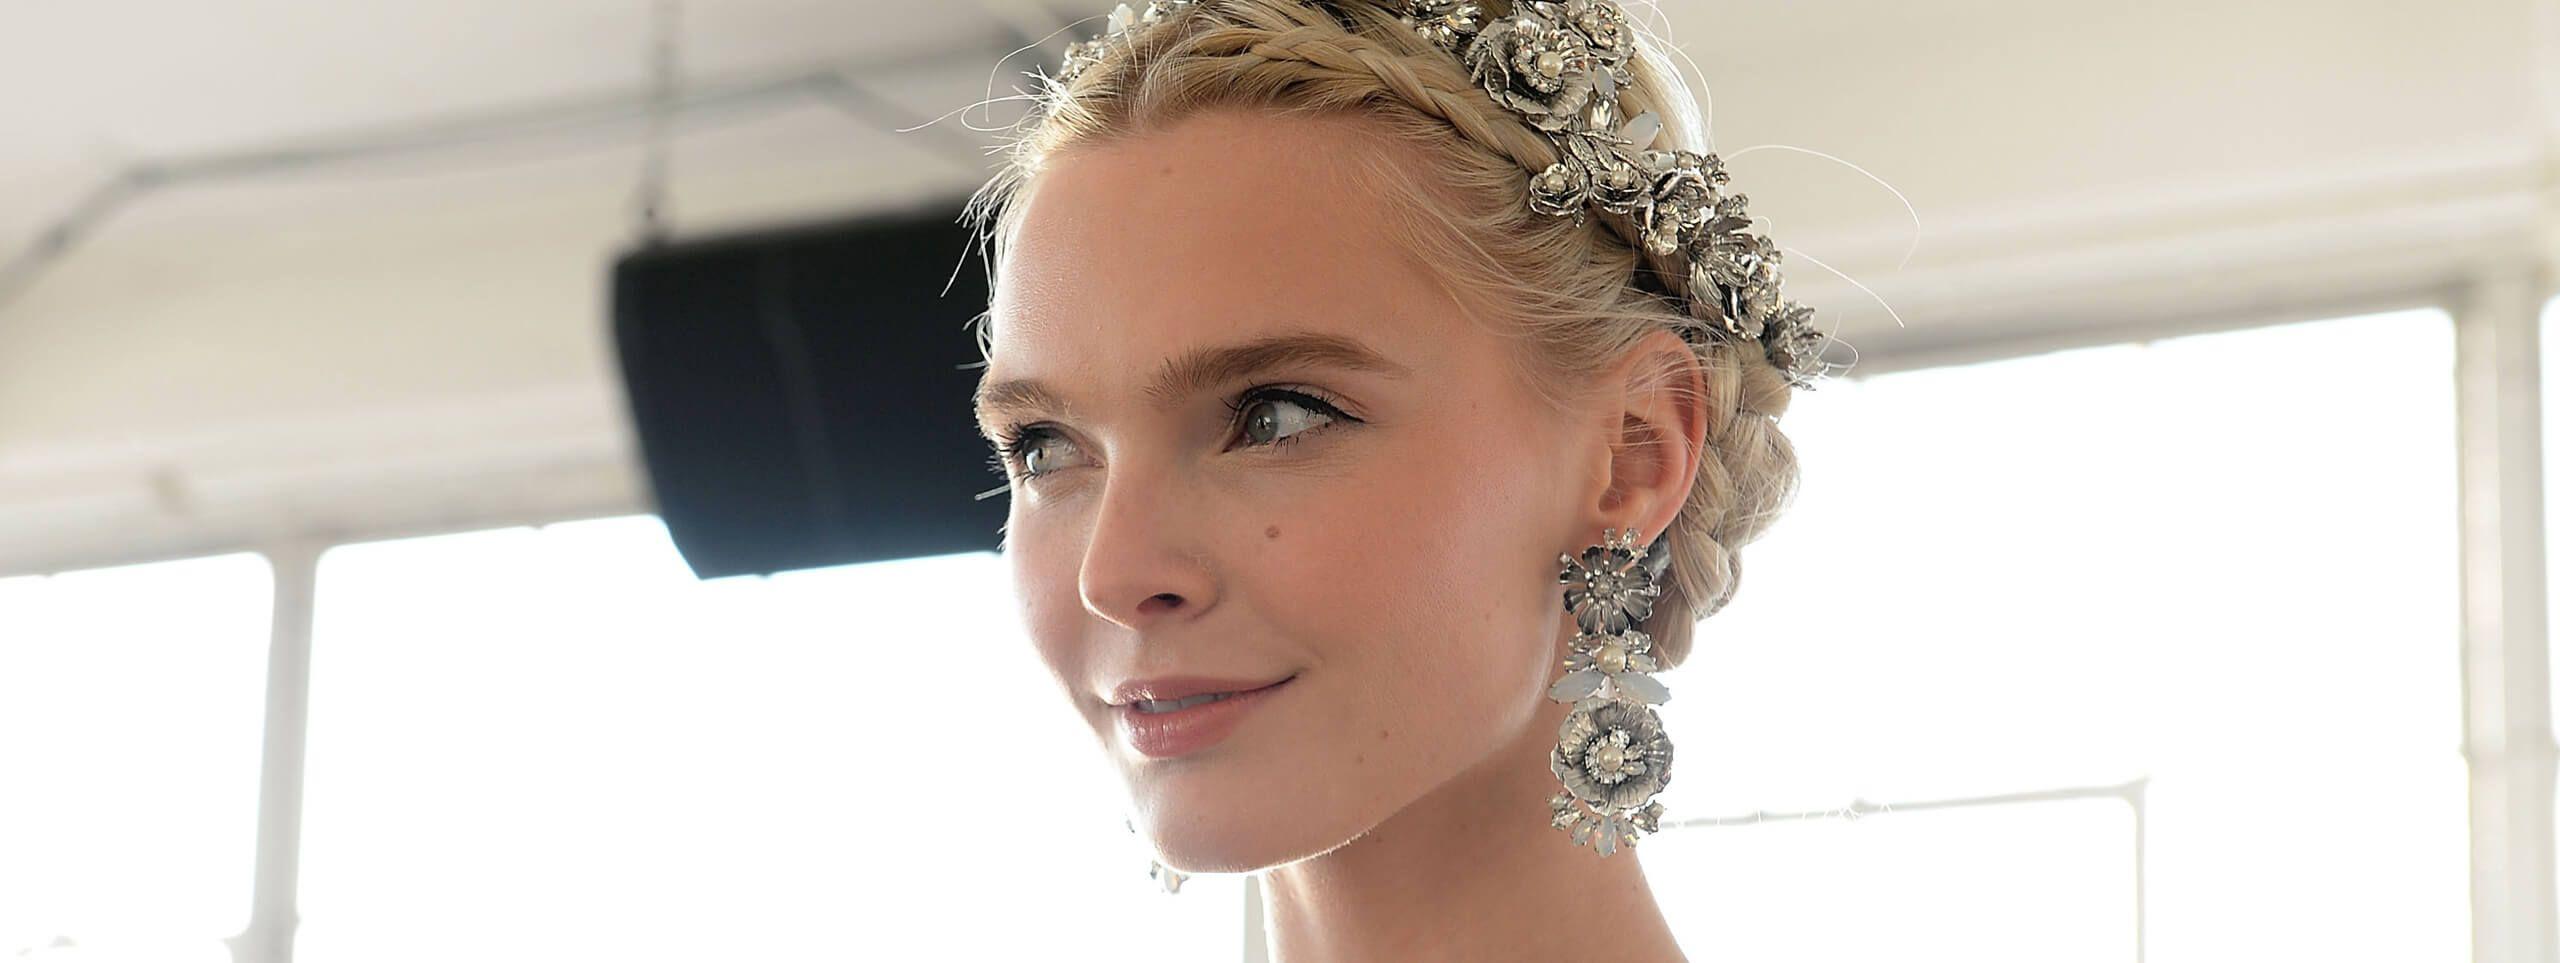 Modelka ze ślubym upięciem i srebrnymi ozdobami we włosach